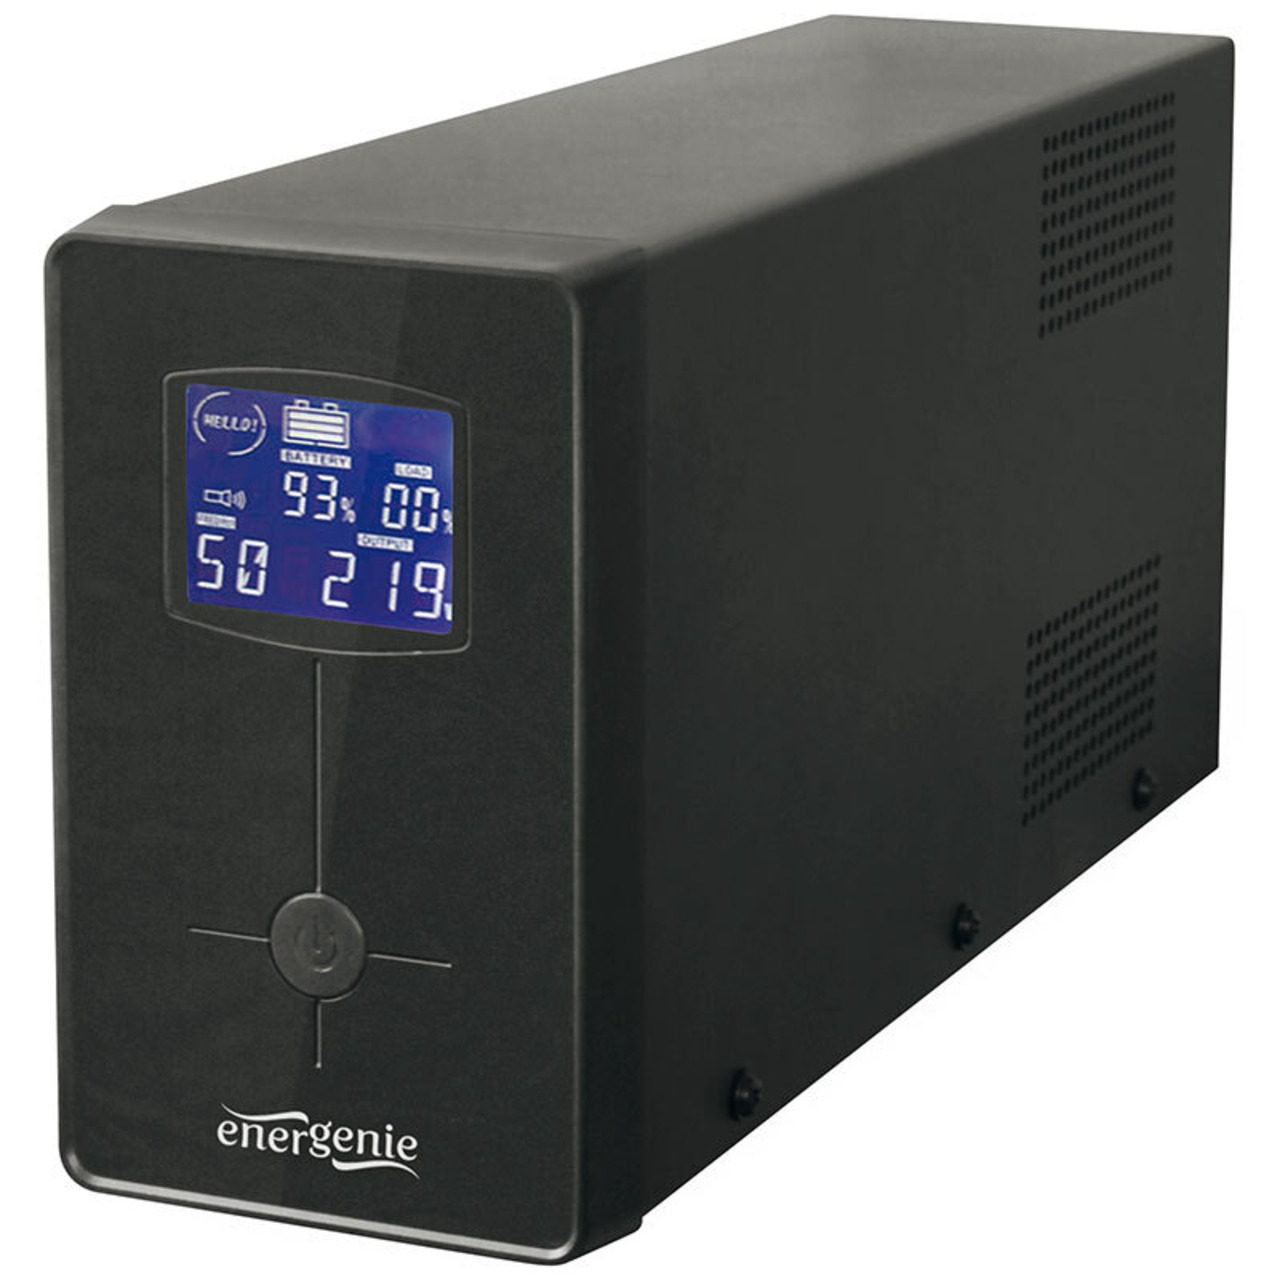 Energenie USV-Anlage mit LCD Anzeige- 650 VA- schwarz